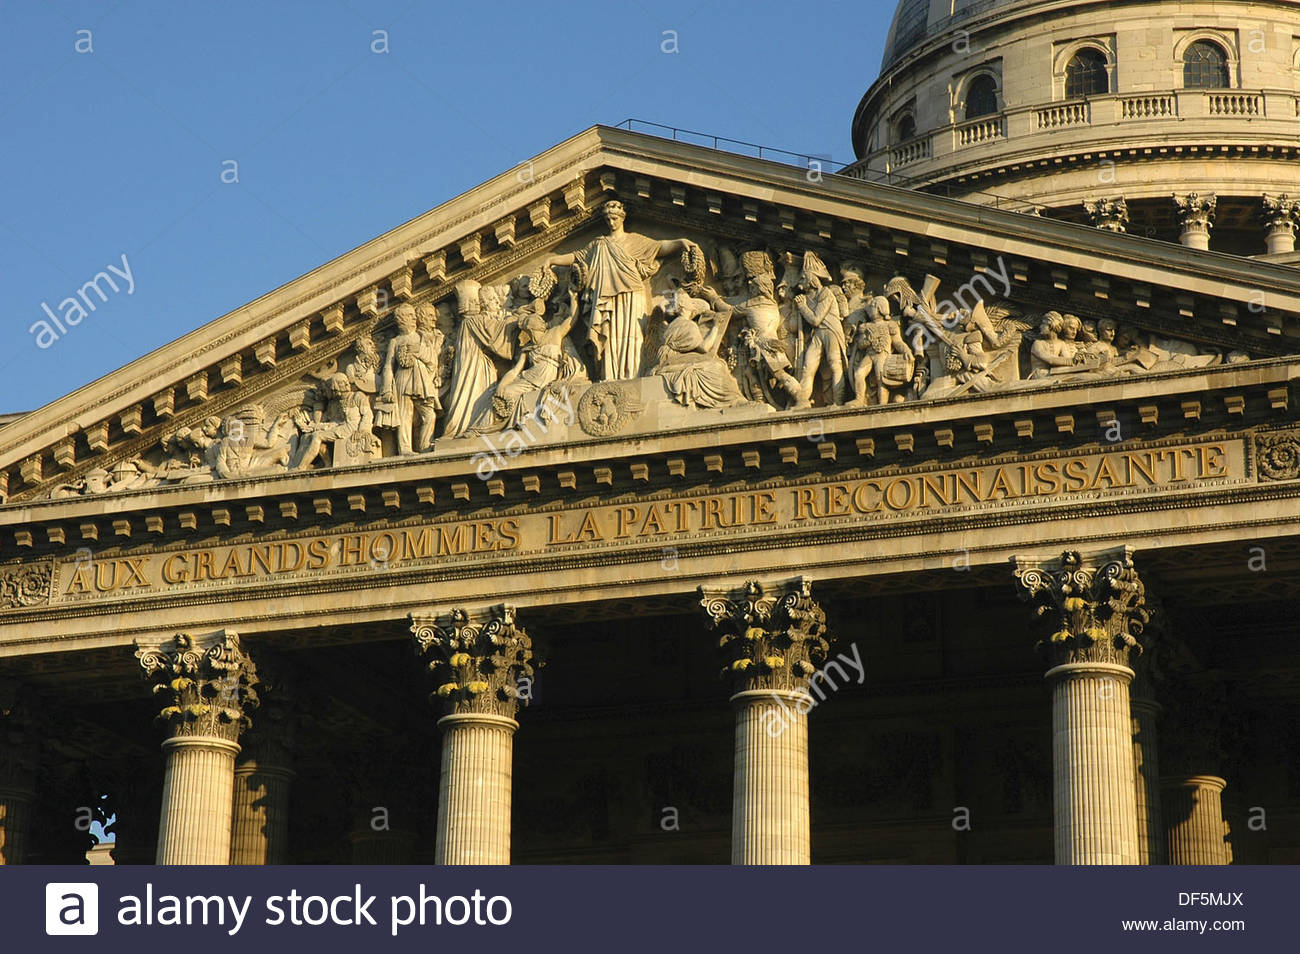 Façade of the Panthéon (1755-92), Paris, France - Stock Image